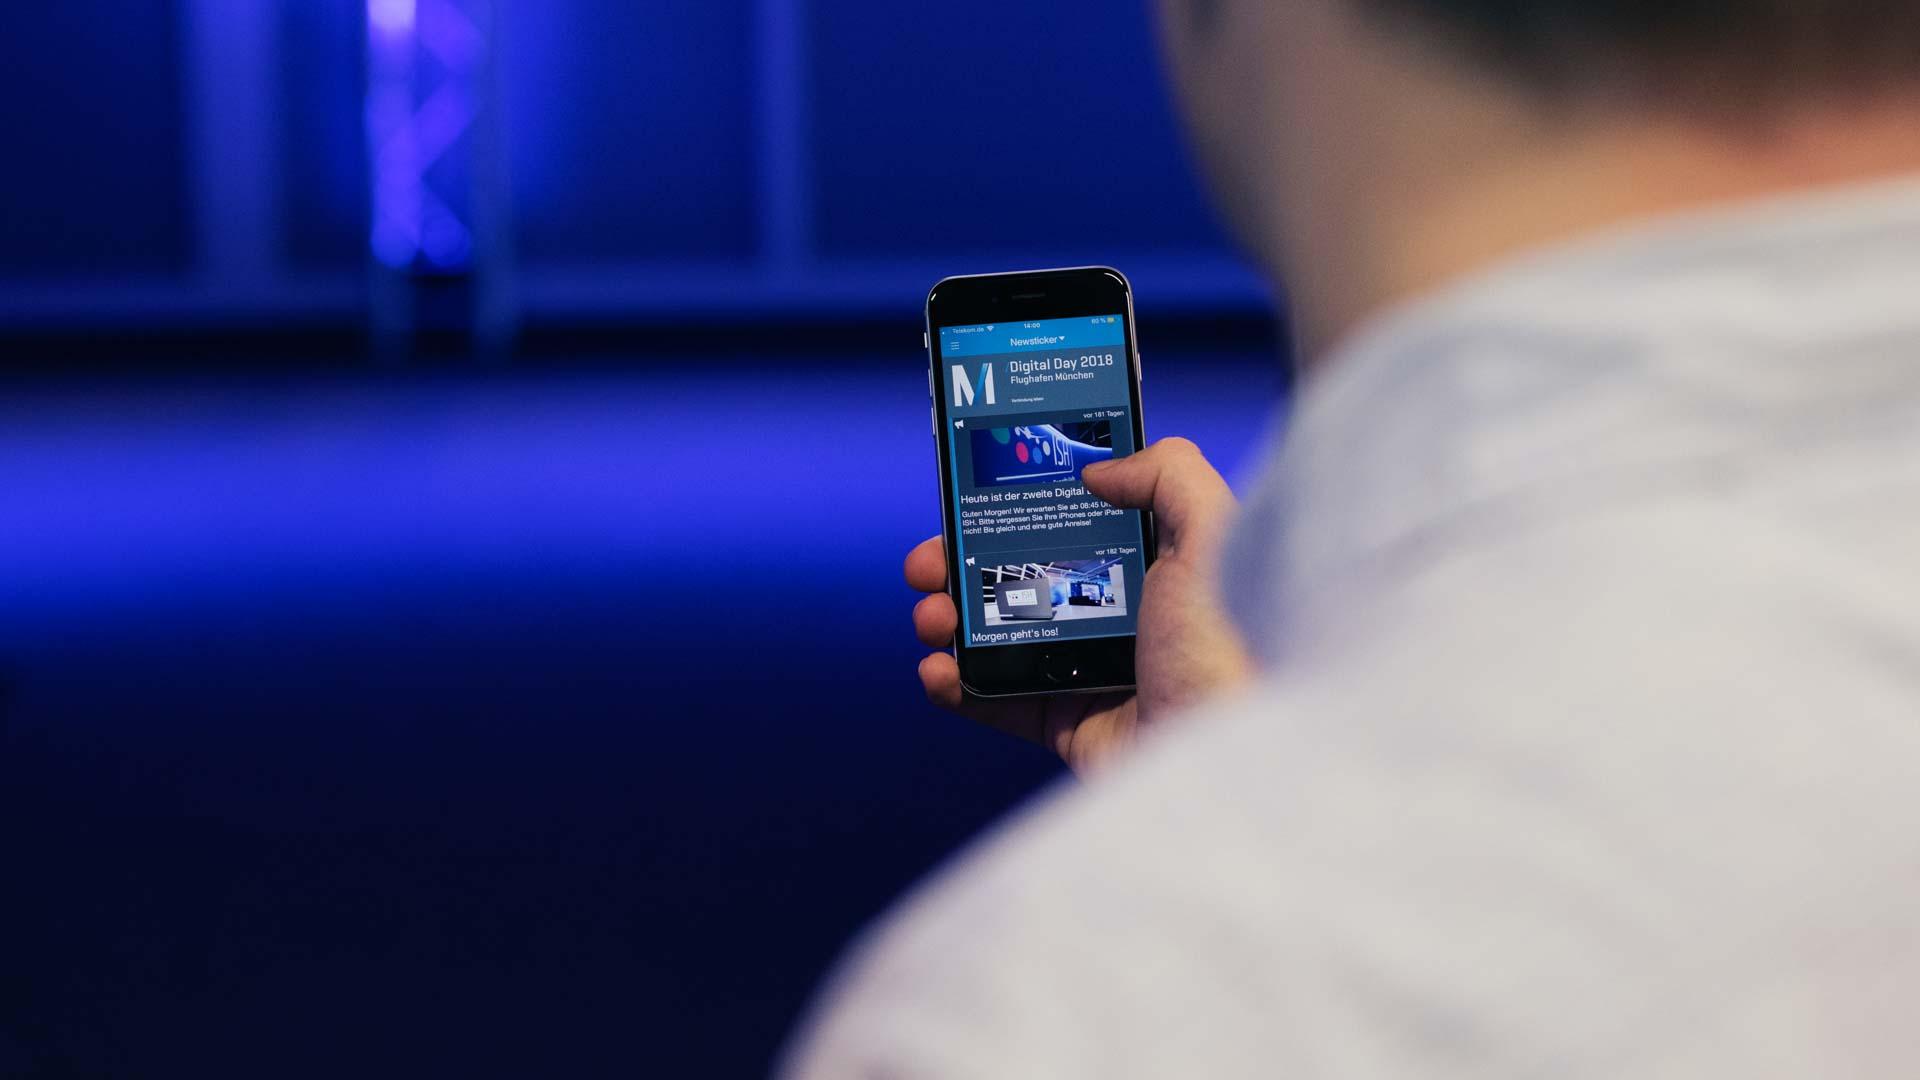 Flughafen München: Digital Days